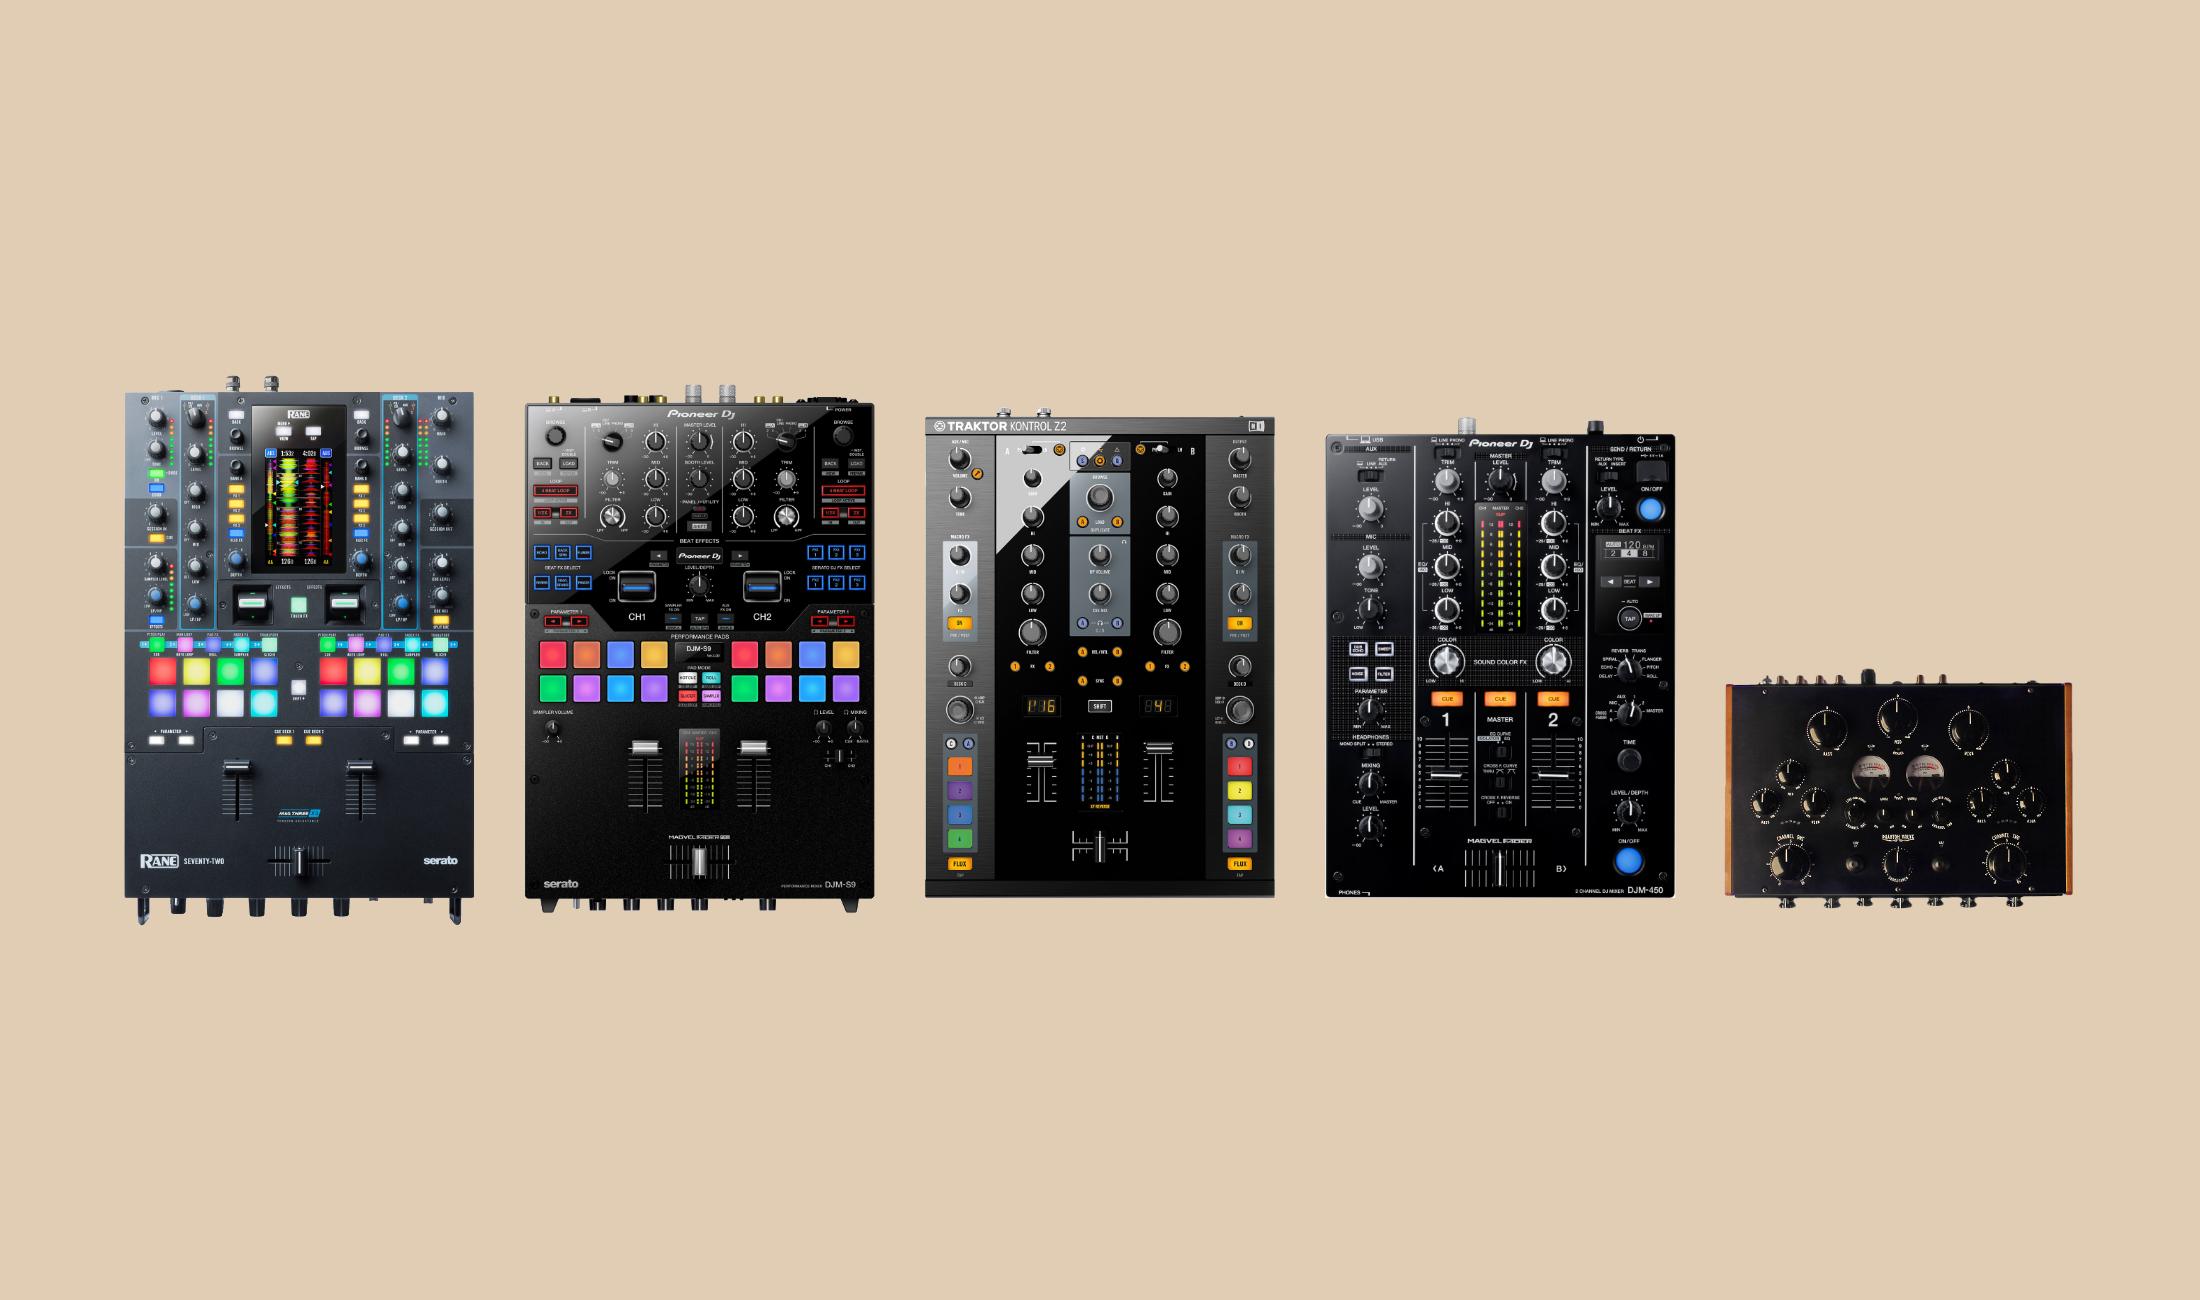 Überblick: Die besten Zweikanal-Mixer für DJs 2019